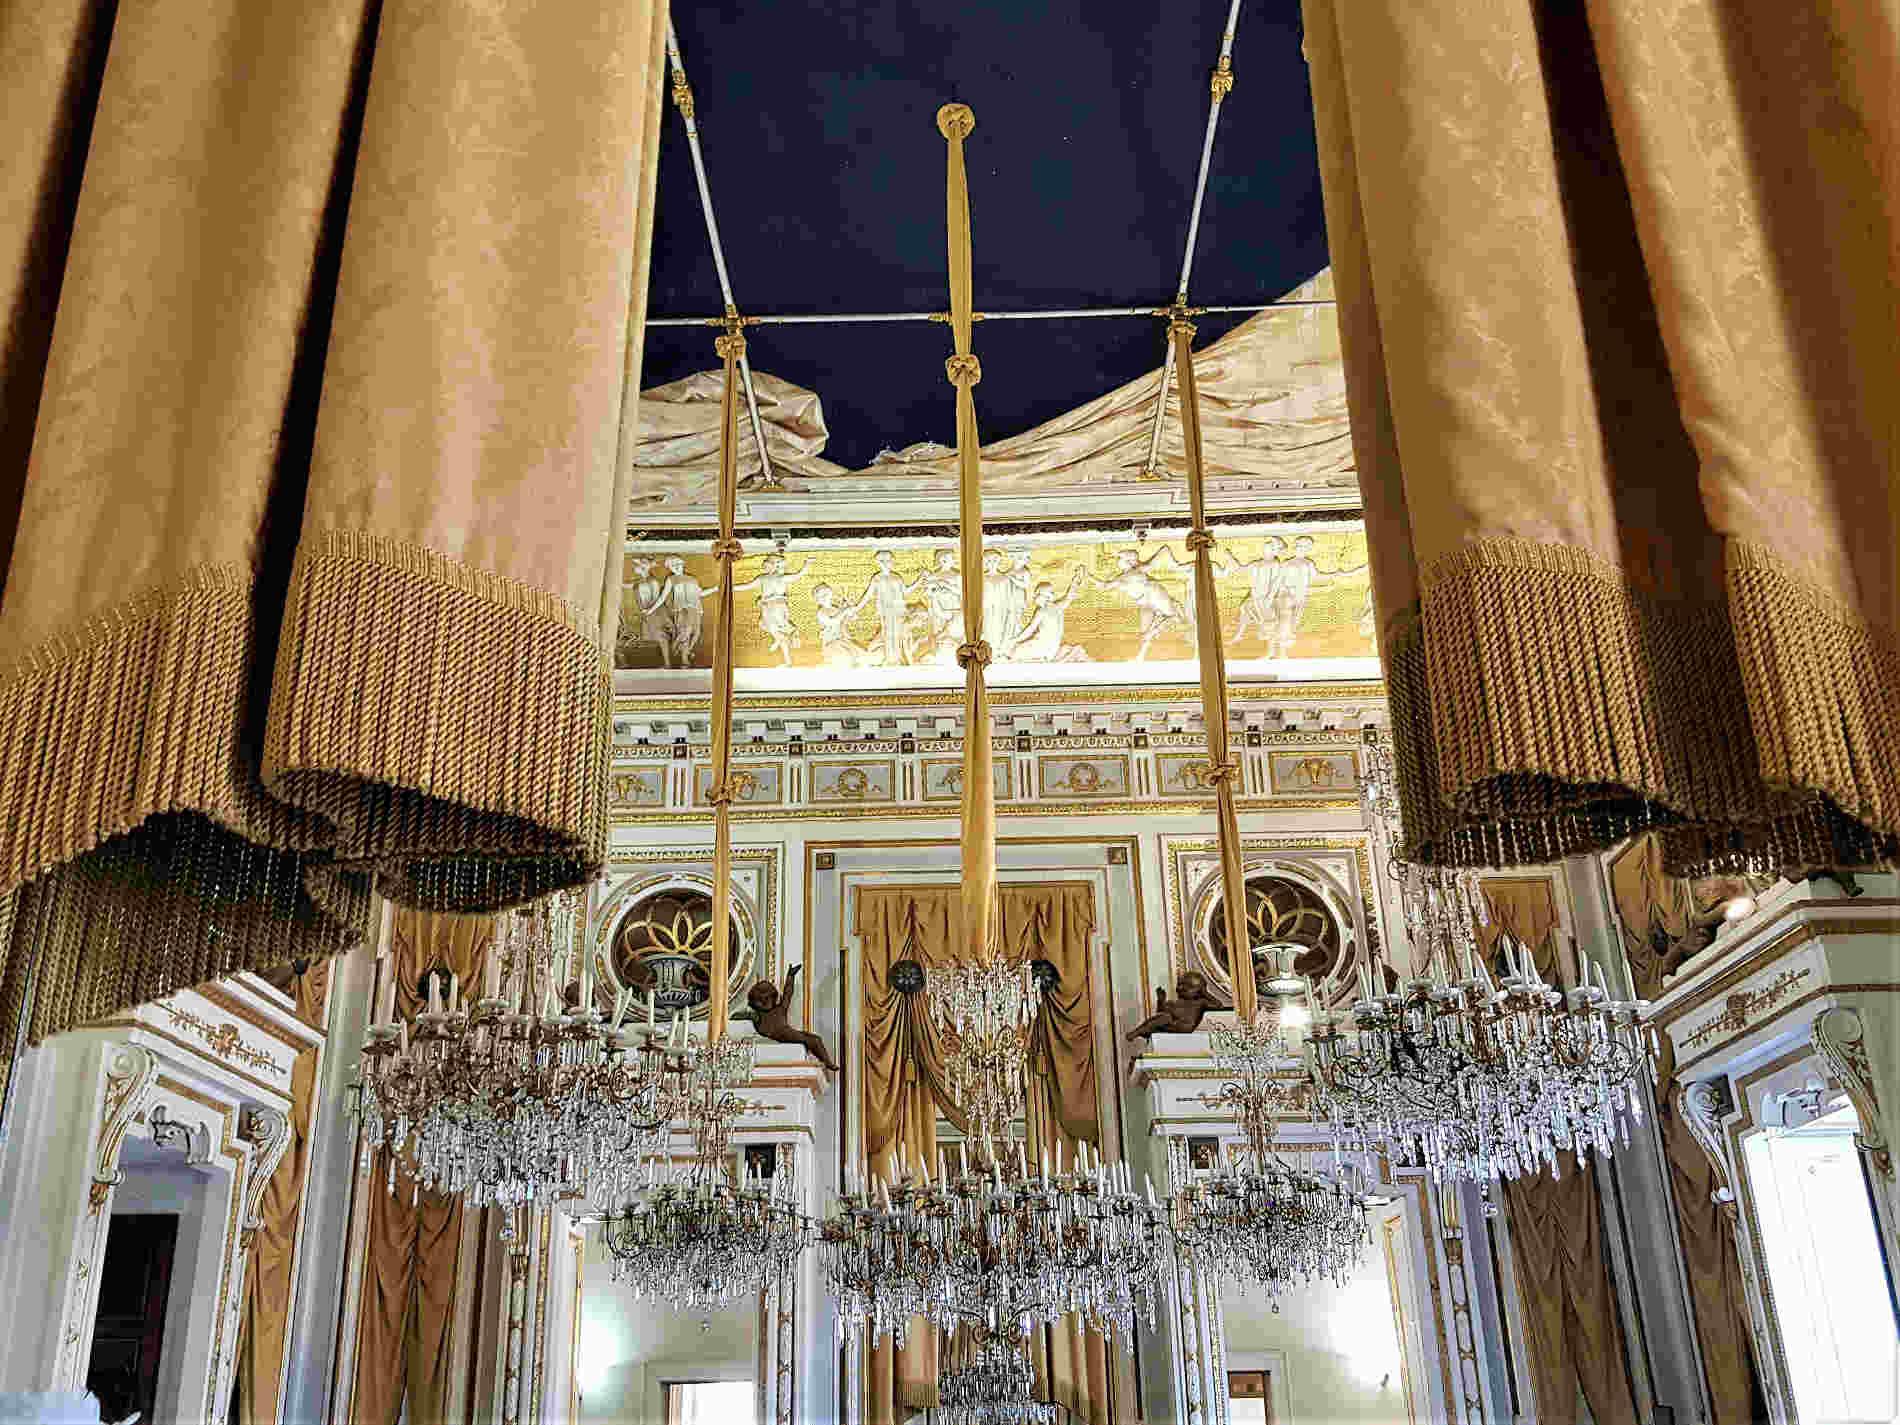 Visitare il Castello Ducale di Corigliano Calabro - Salone degli Specchi